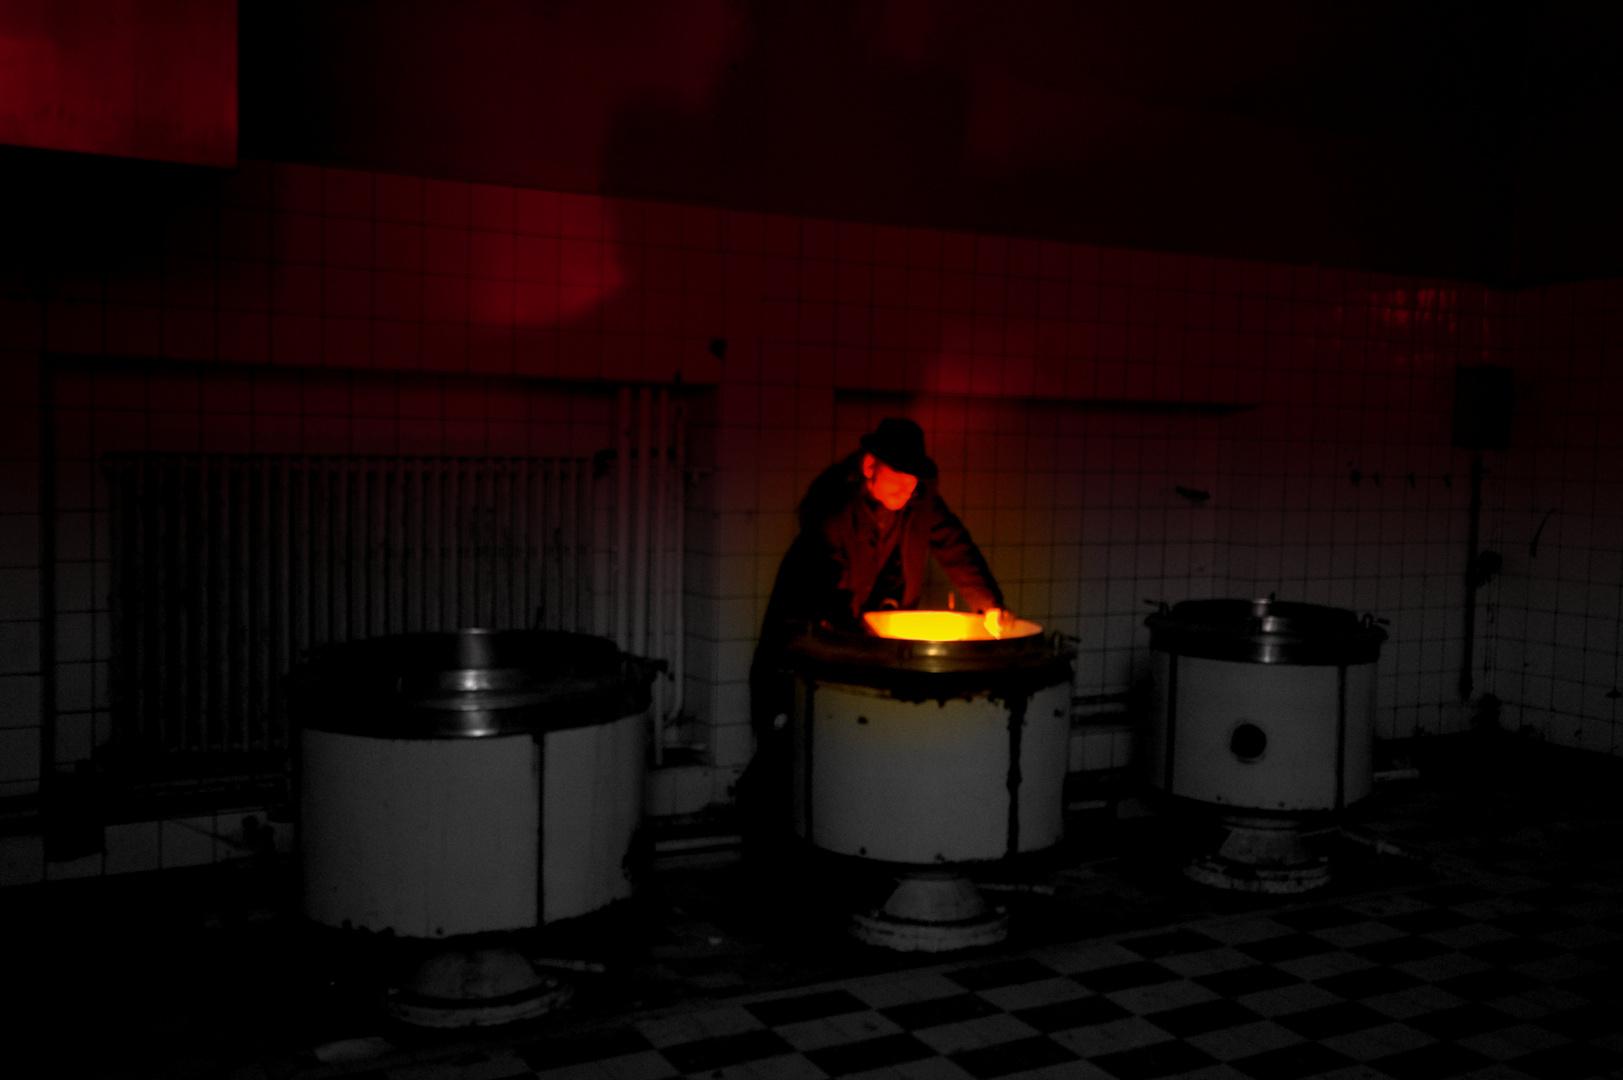 le cuisine de la peur